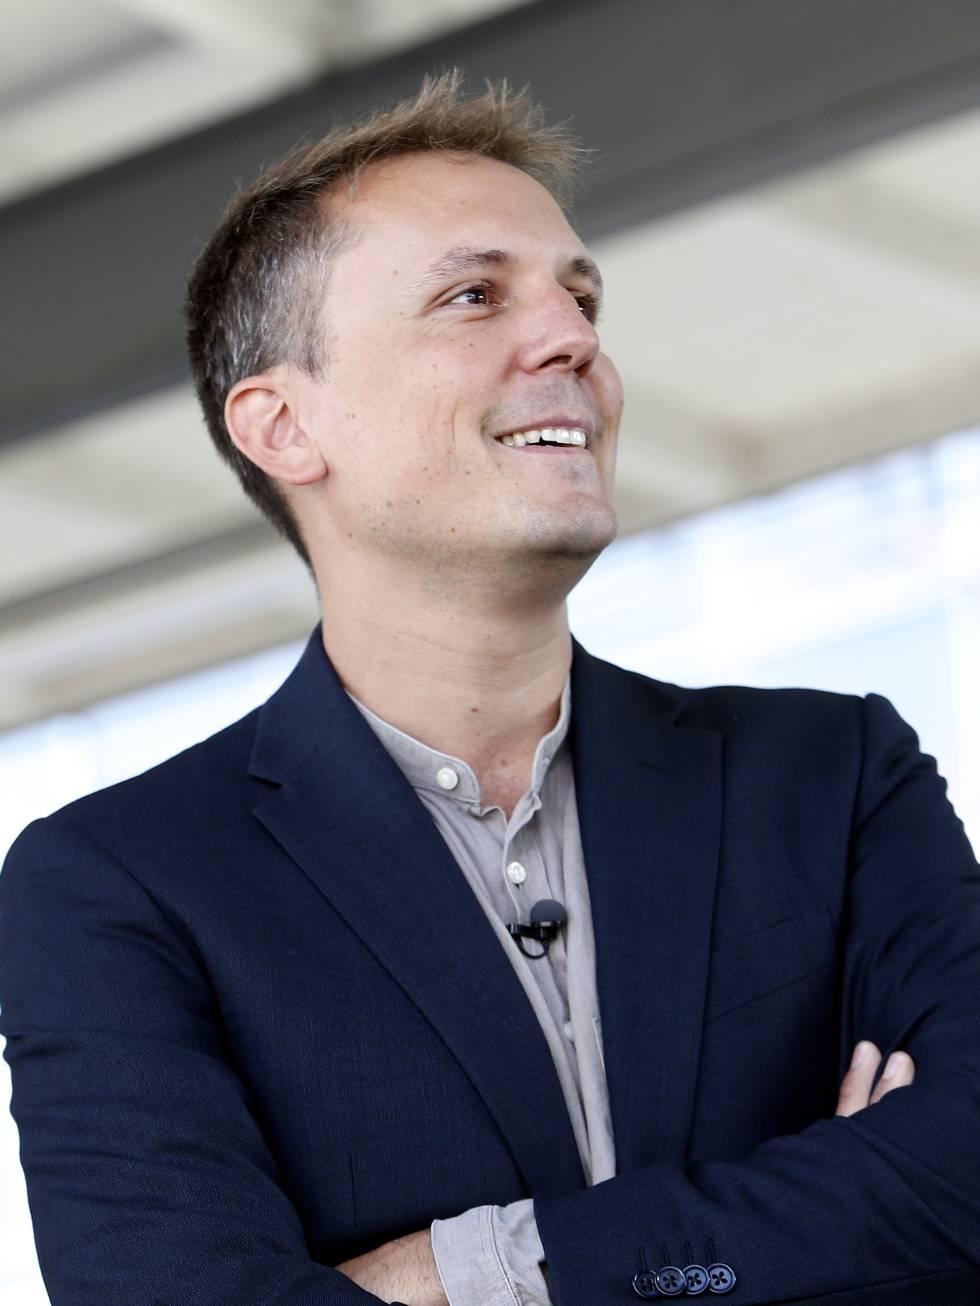 Damiano Realini